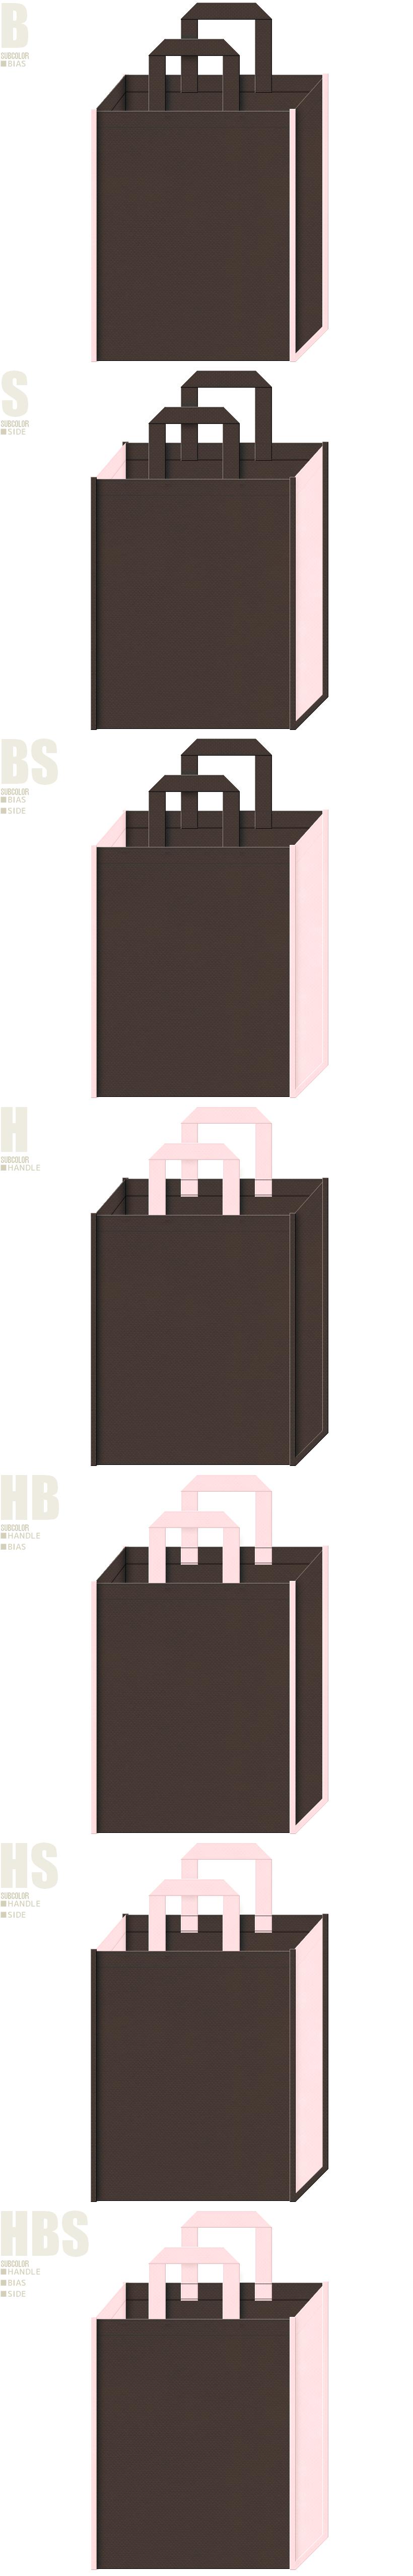 和風催事・桜餅・お城・花見・夜桜・ゲームにお奨めの不織布バッグデザイン:こげ茶色と桜色の不織布バッグ配色7パターン。